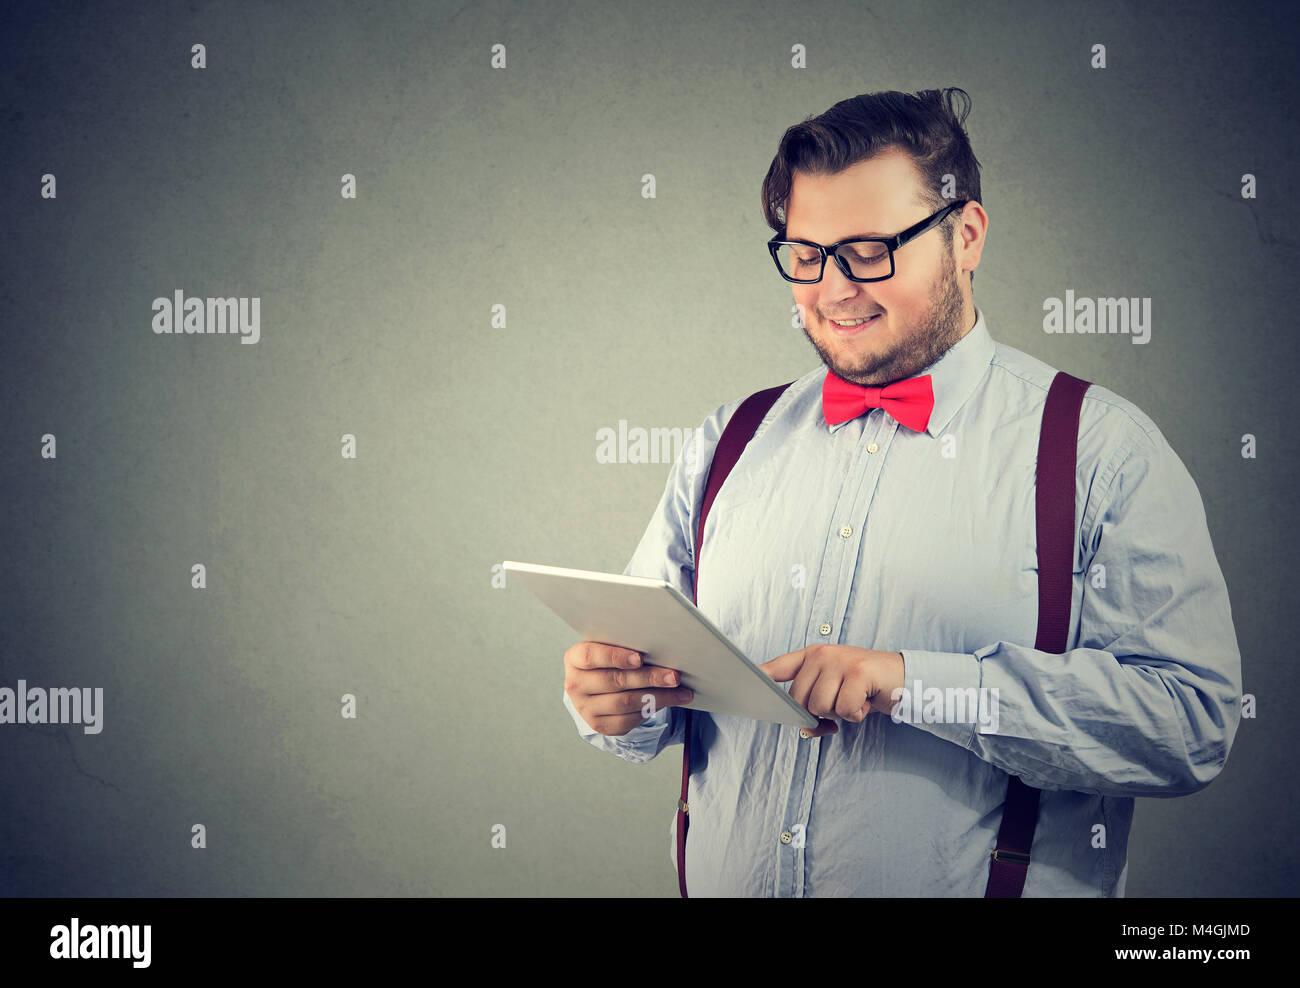 Junge freche Mann in Brillen suchen glücklich, während Sie klopfen Tablet auf grauem Hintergrund posiert. Stockbild